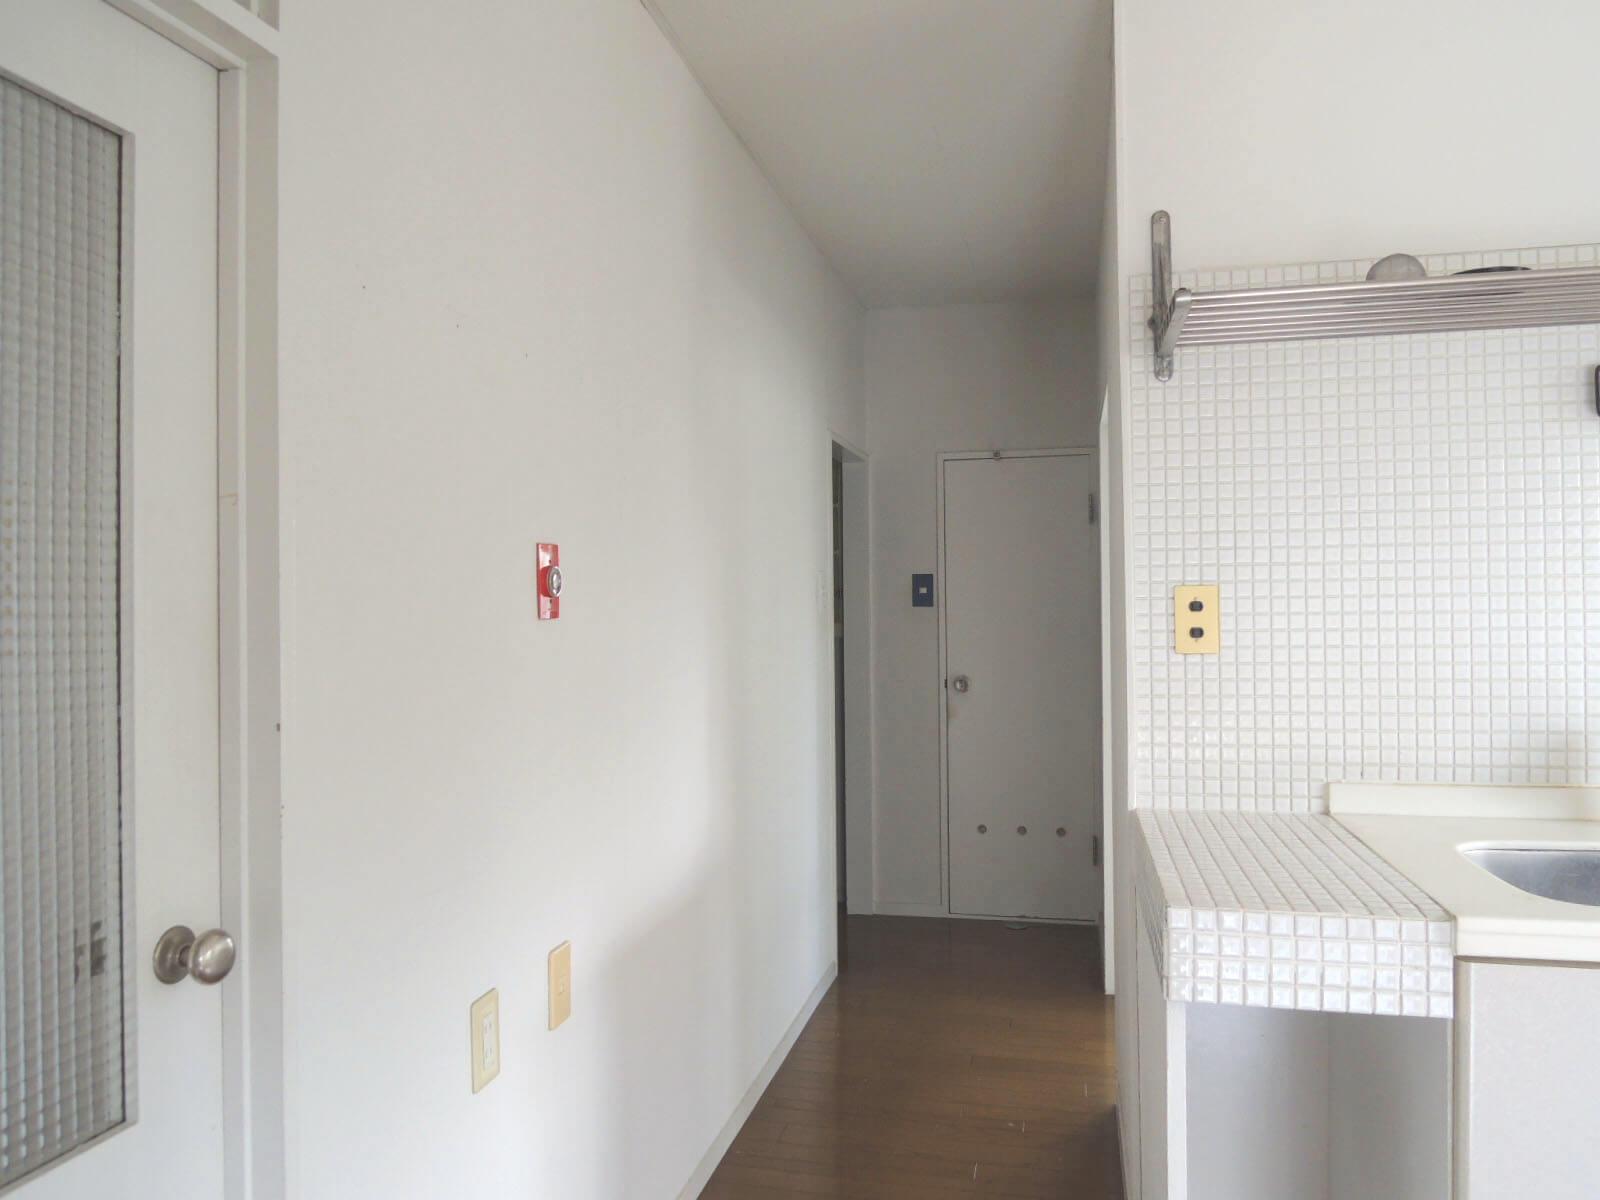 この先右側が寝室、突き当りがトイレ、左側がバス洗面